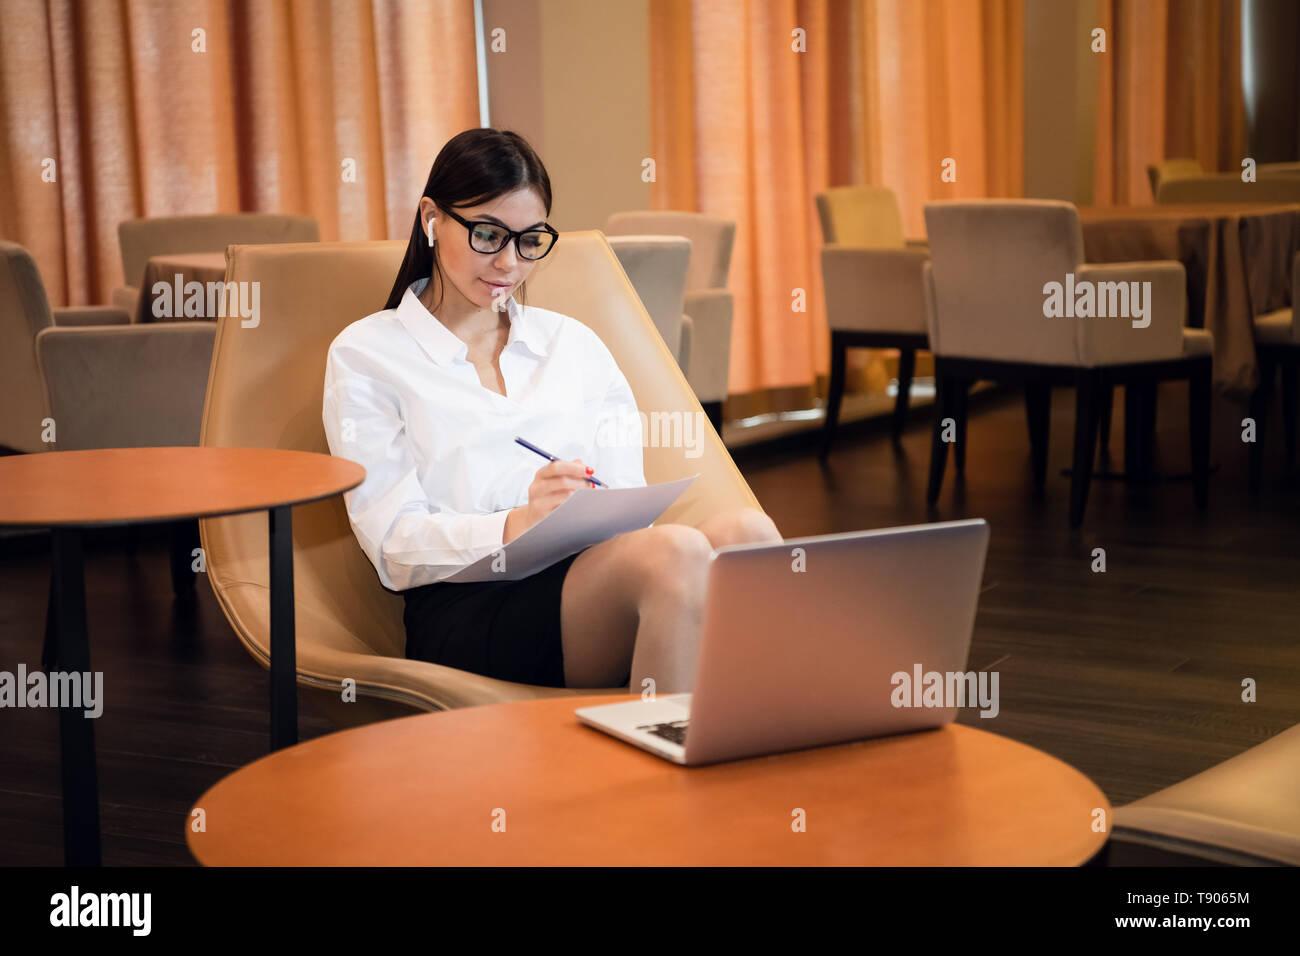 Schöne junge geschäftsfrau Arbeiten am Computer in der Hotellobby Stockfoto